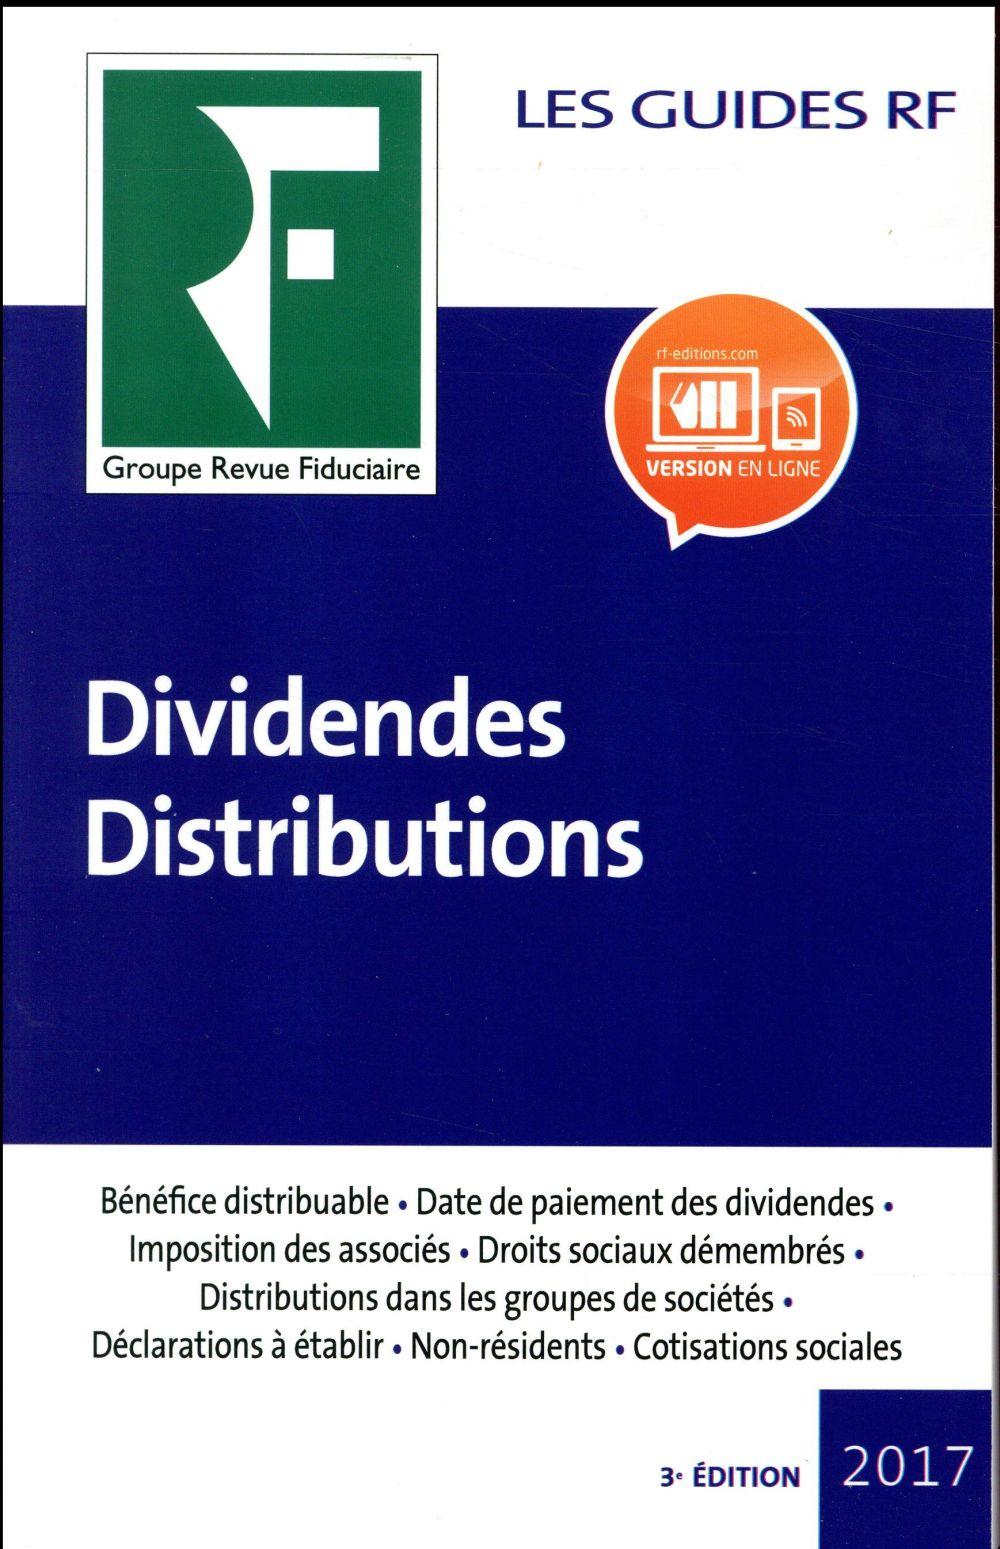 Les guides RF ; dividendes distributions (3e édition)